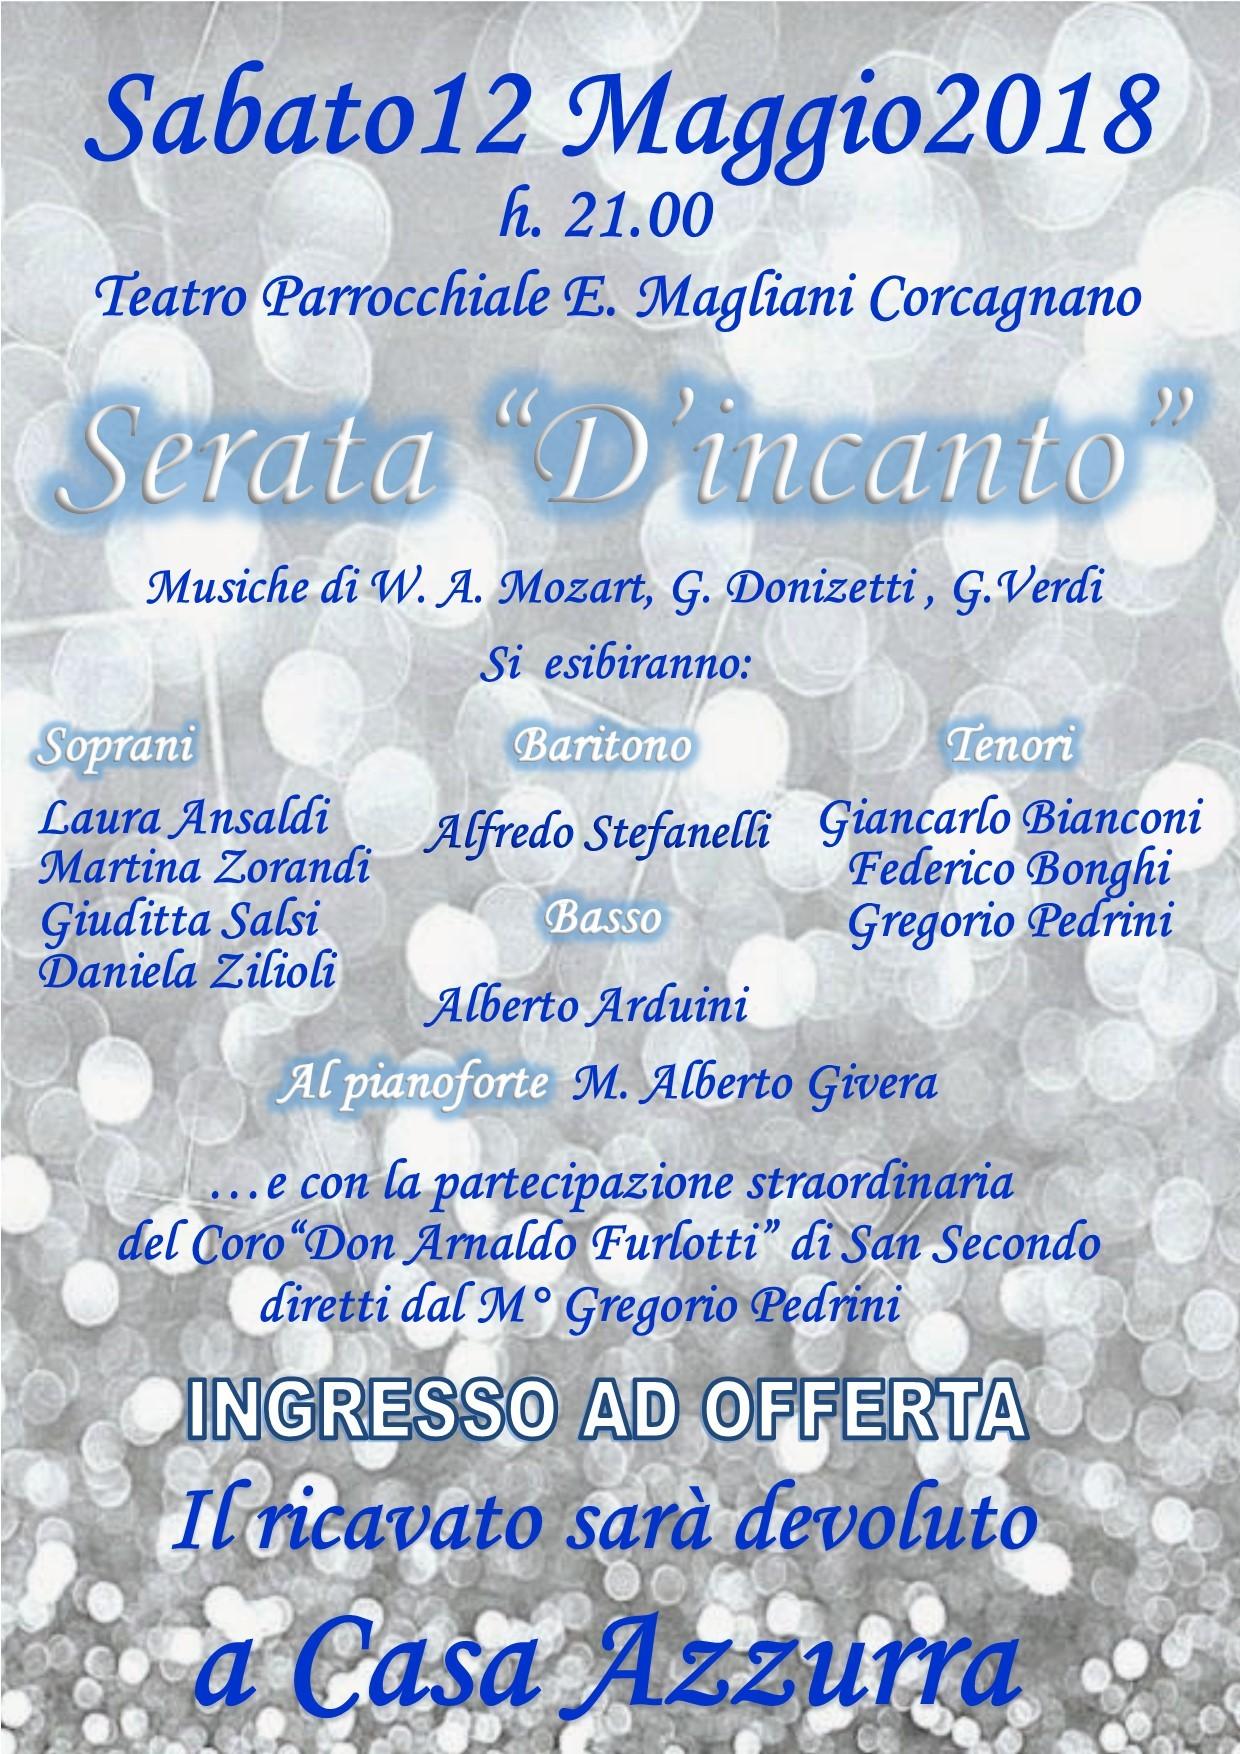 Serata d'incanto al teatro Ennio Magliani